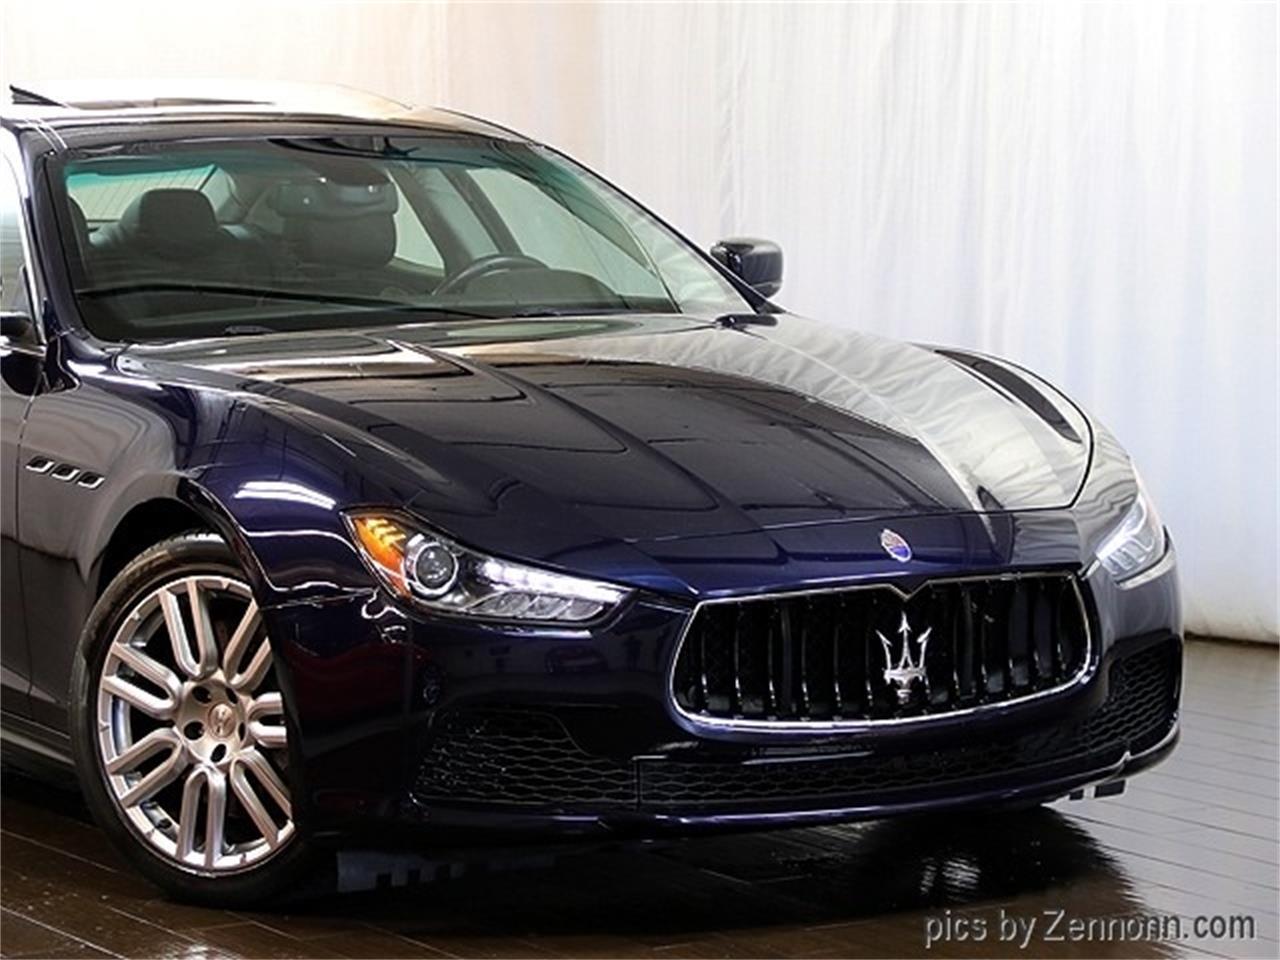 2016 Maserati Ghibli (CC-1263243) for sale in Addison, Illinois